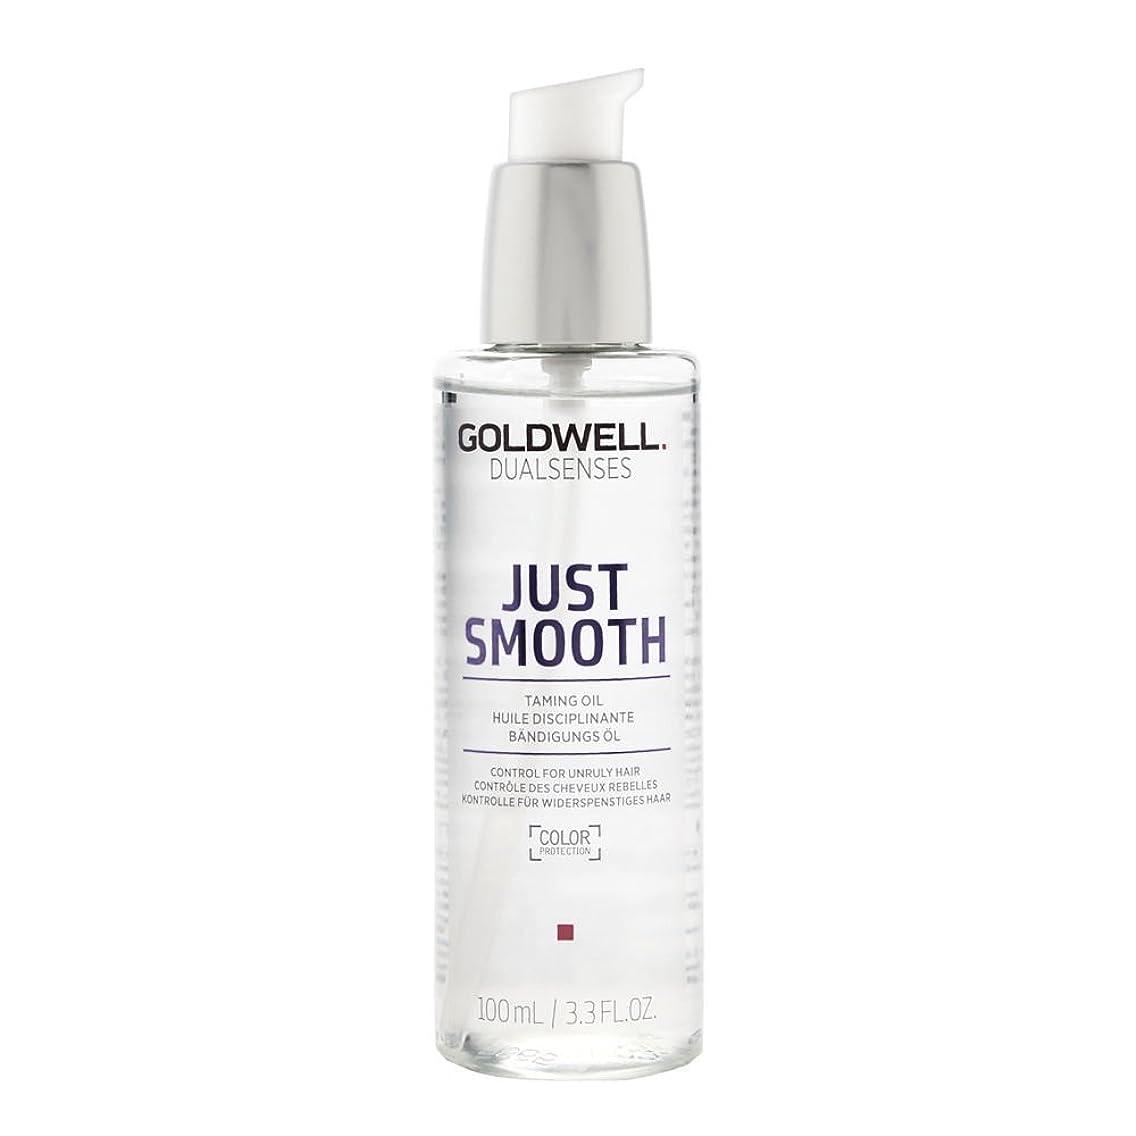 楕円形業界たっぷりゴールドウェル Dual Senses Just Smooth Taming Oil (Control For Unruly Hair) 100ml/3.3oz並行輸入品